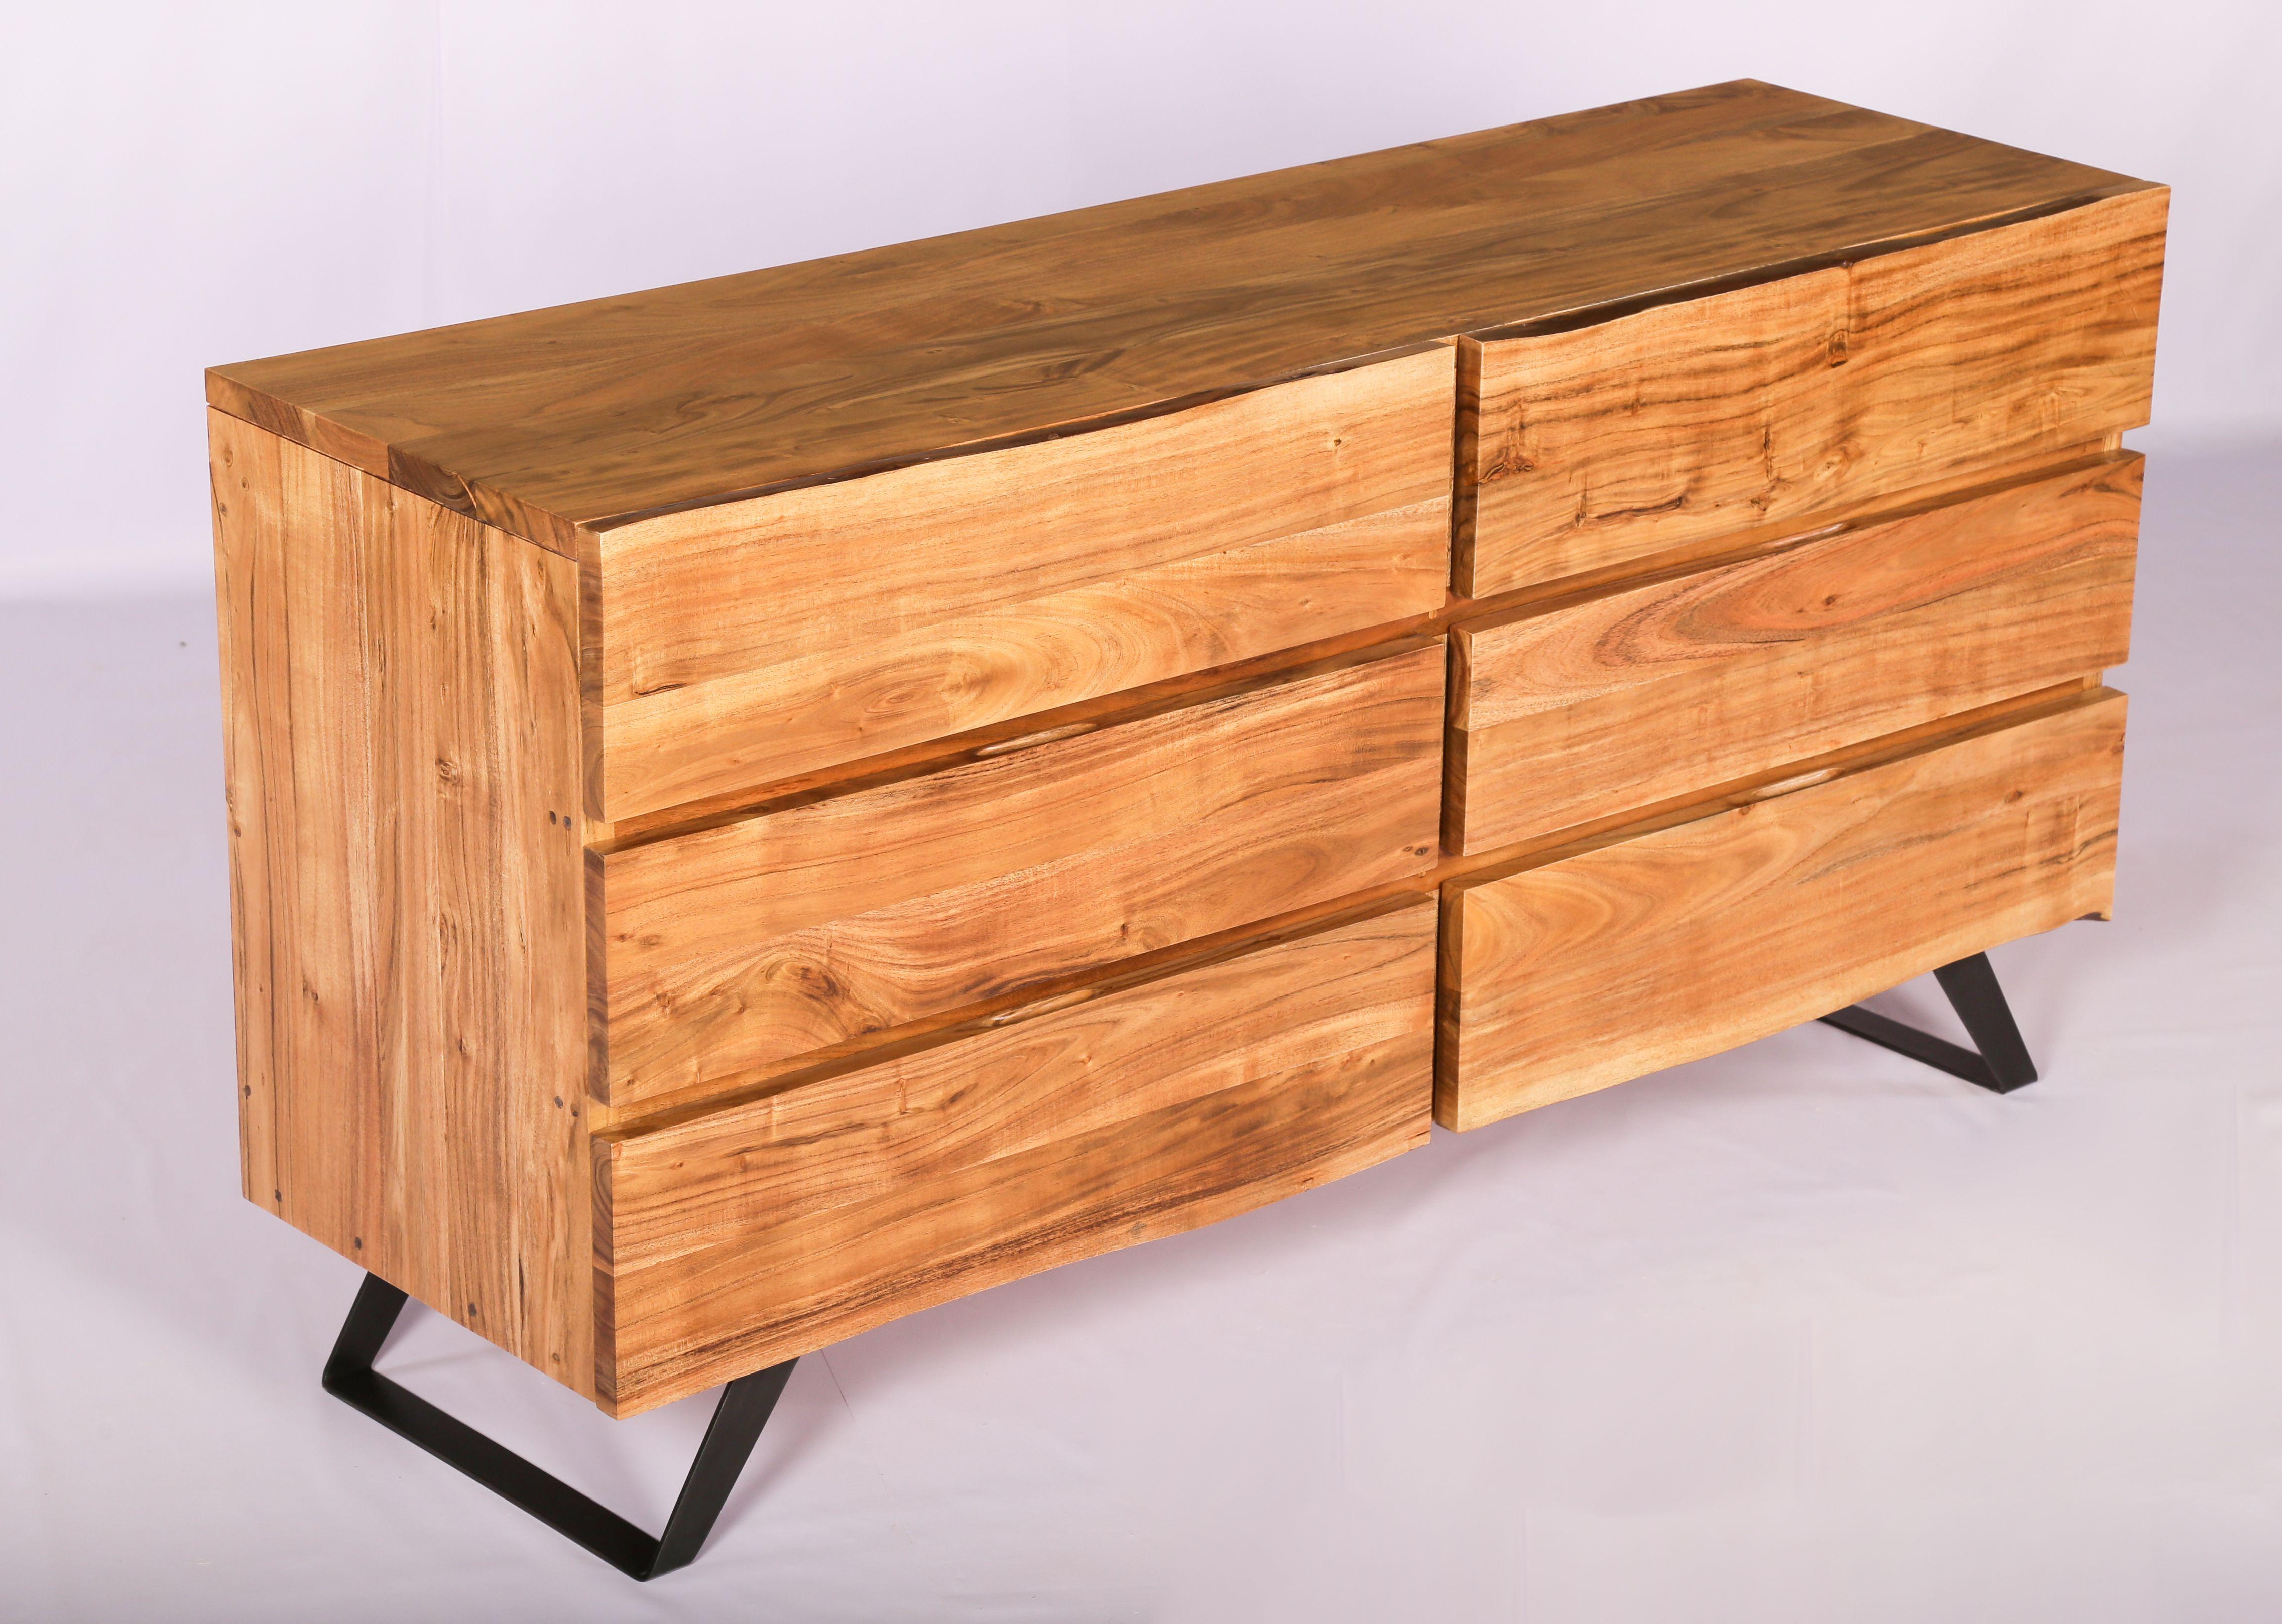 acacia wood iron base dresser